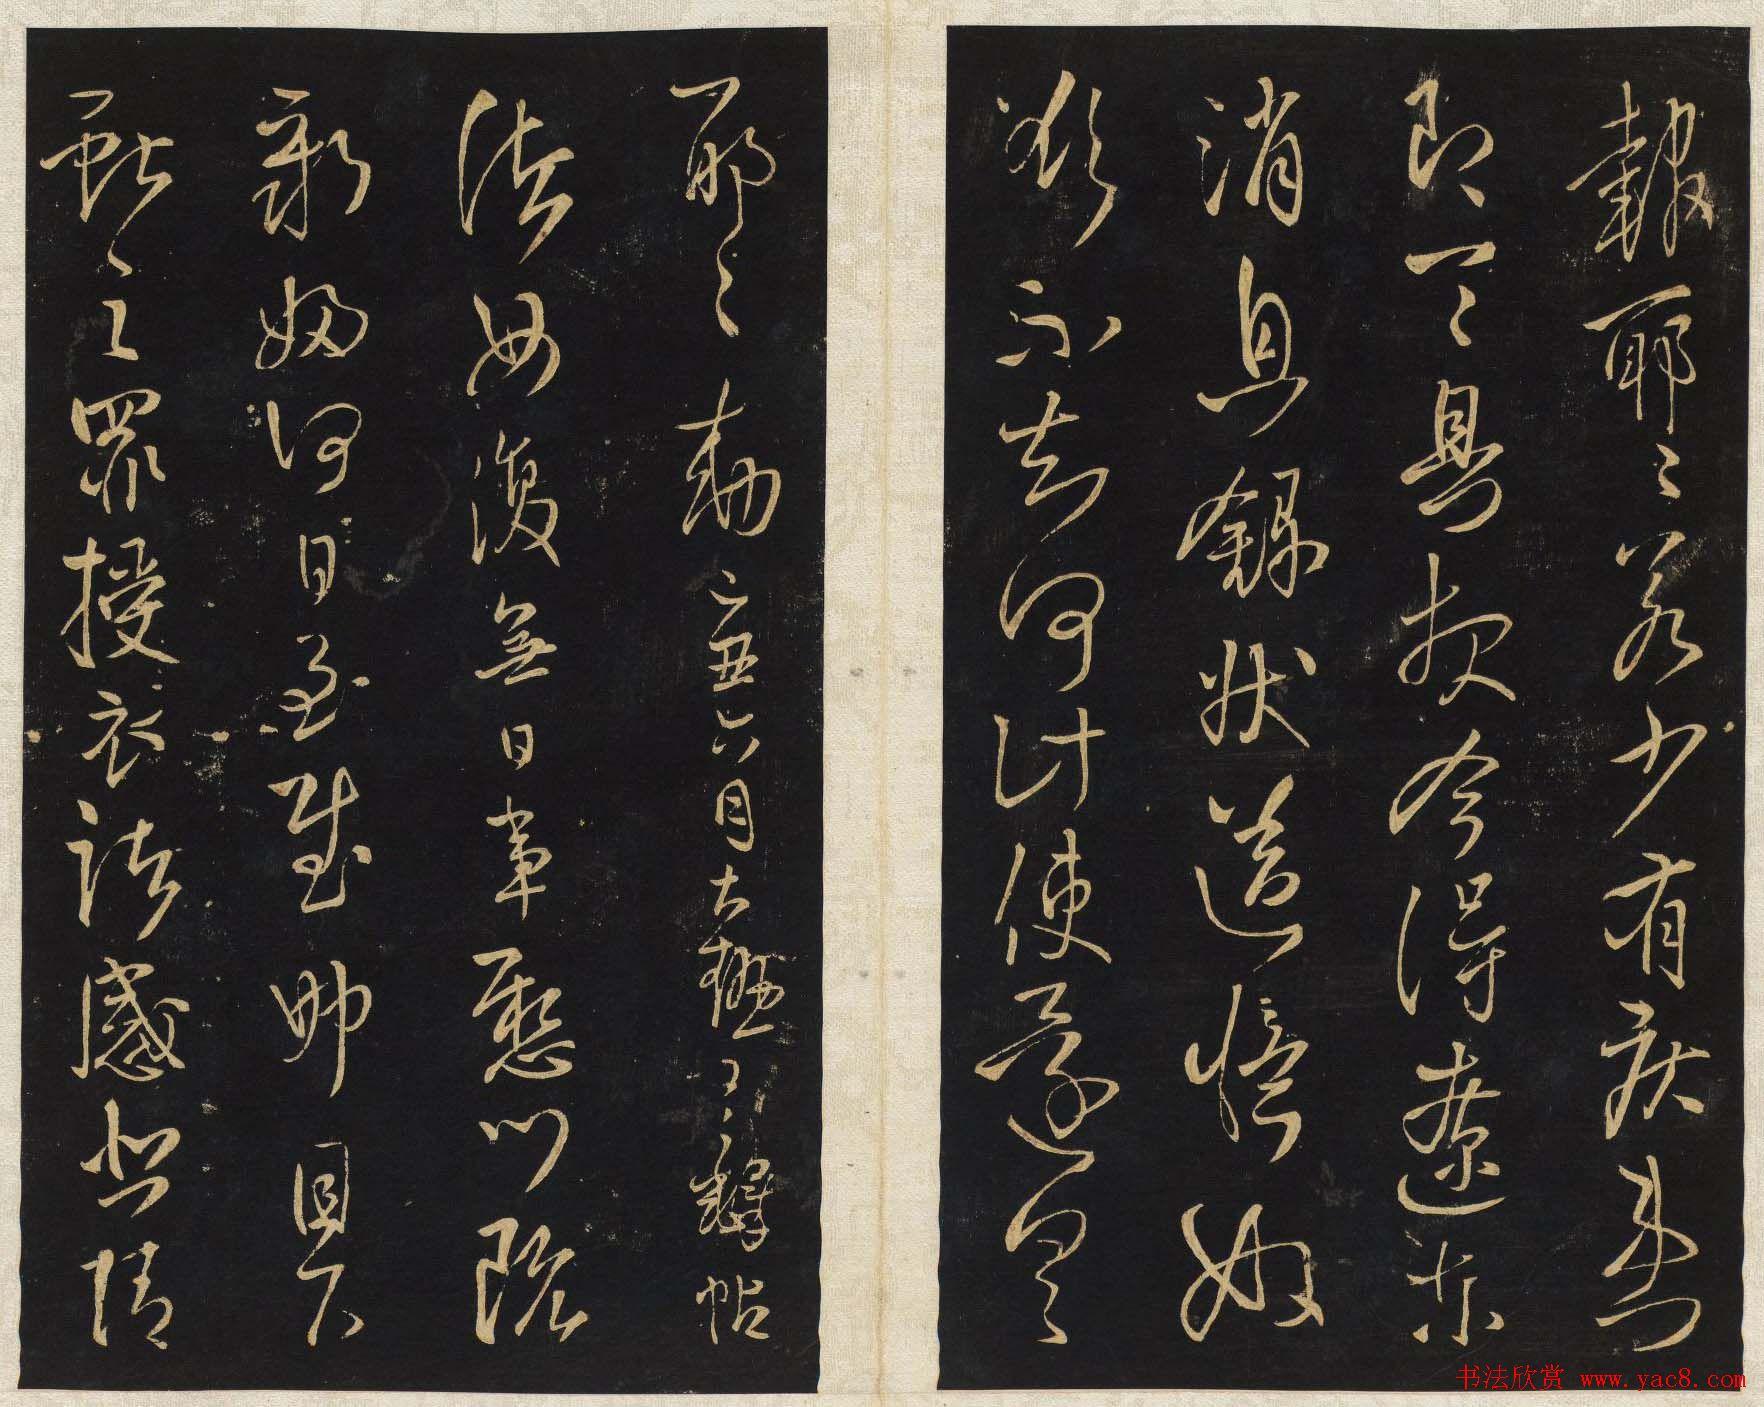 王铎法帖欣赏《拟山园帖》第一、二卷大图